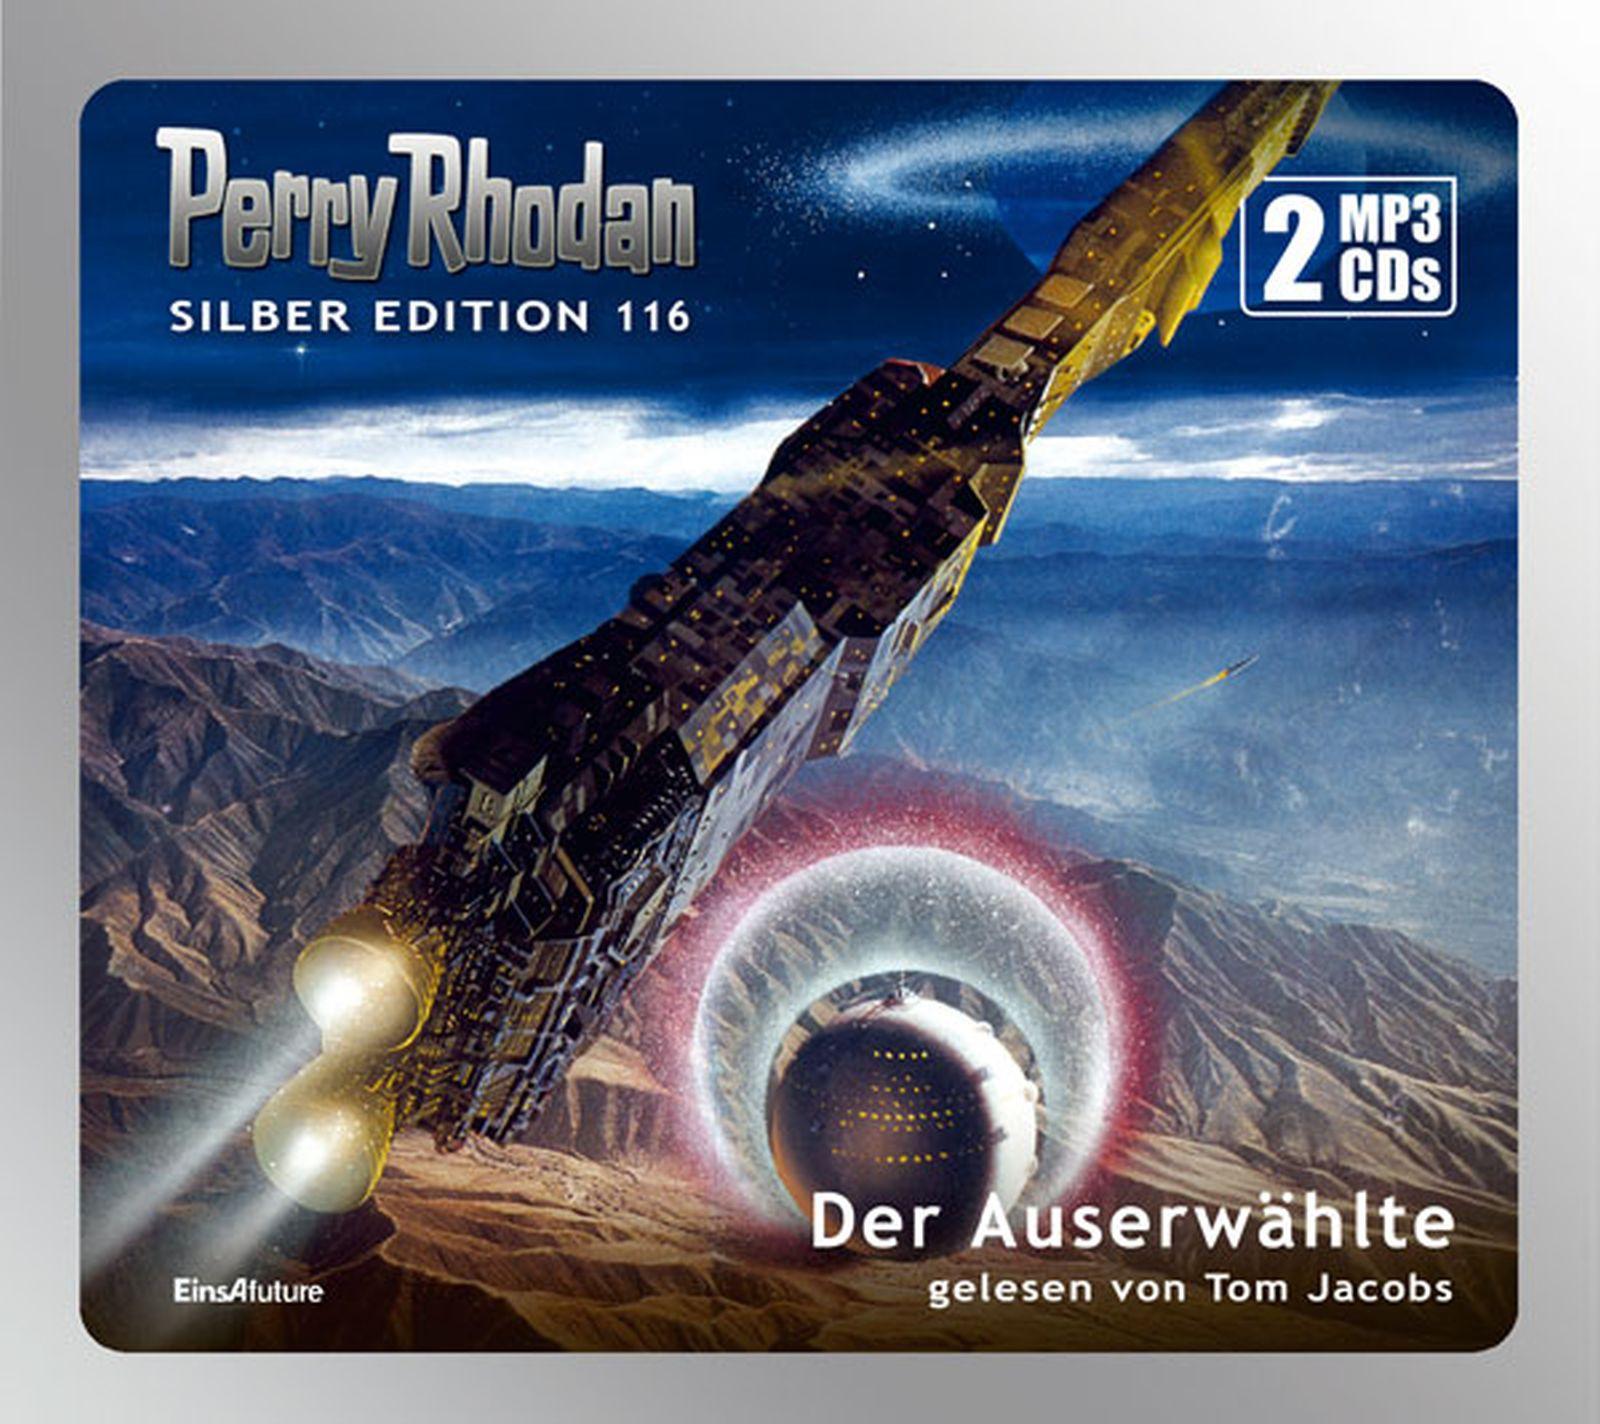 Perry Rhodan Silber Edition 116 Der Auserwählte (2 mp3-CDs)